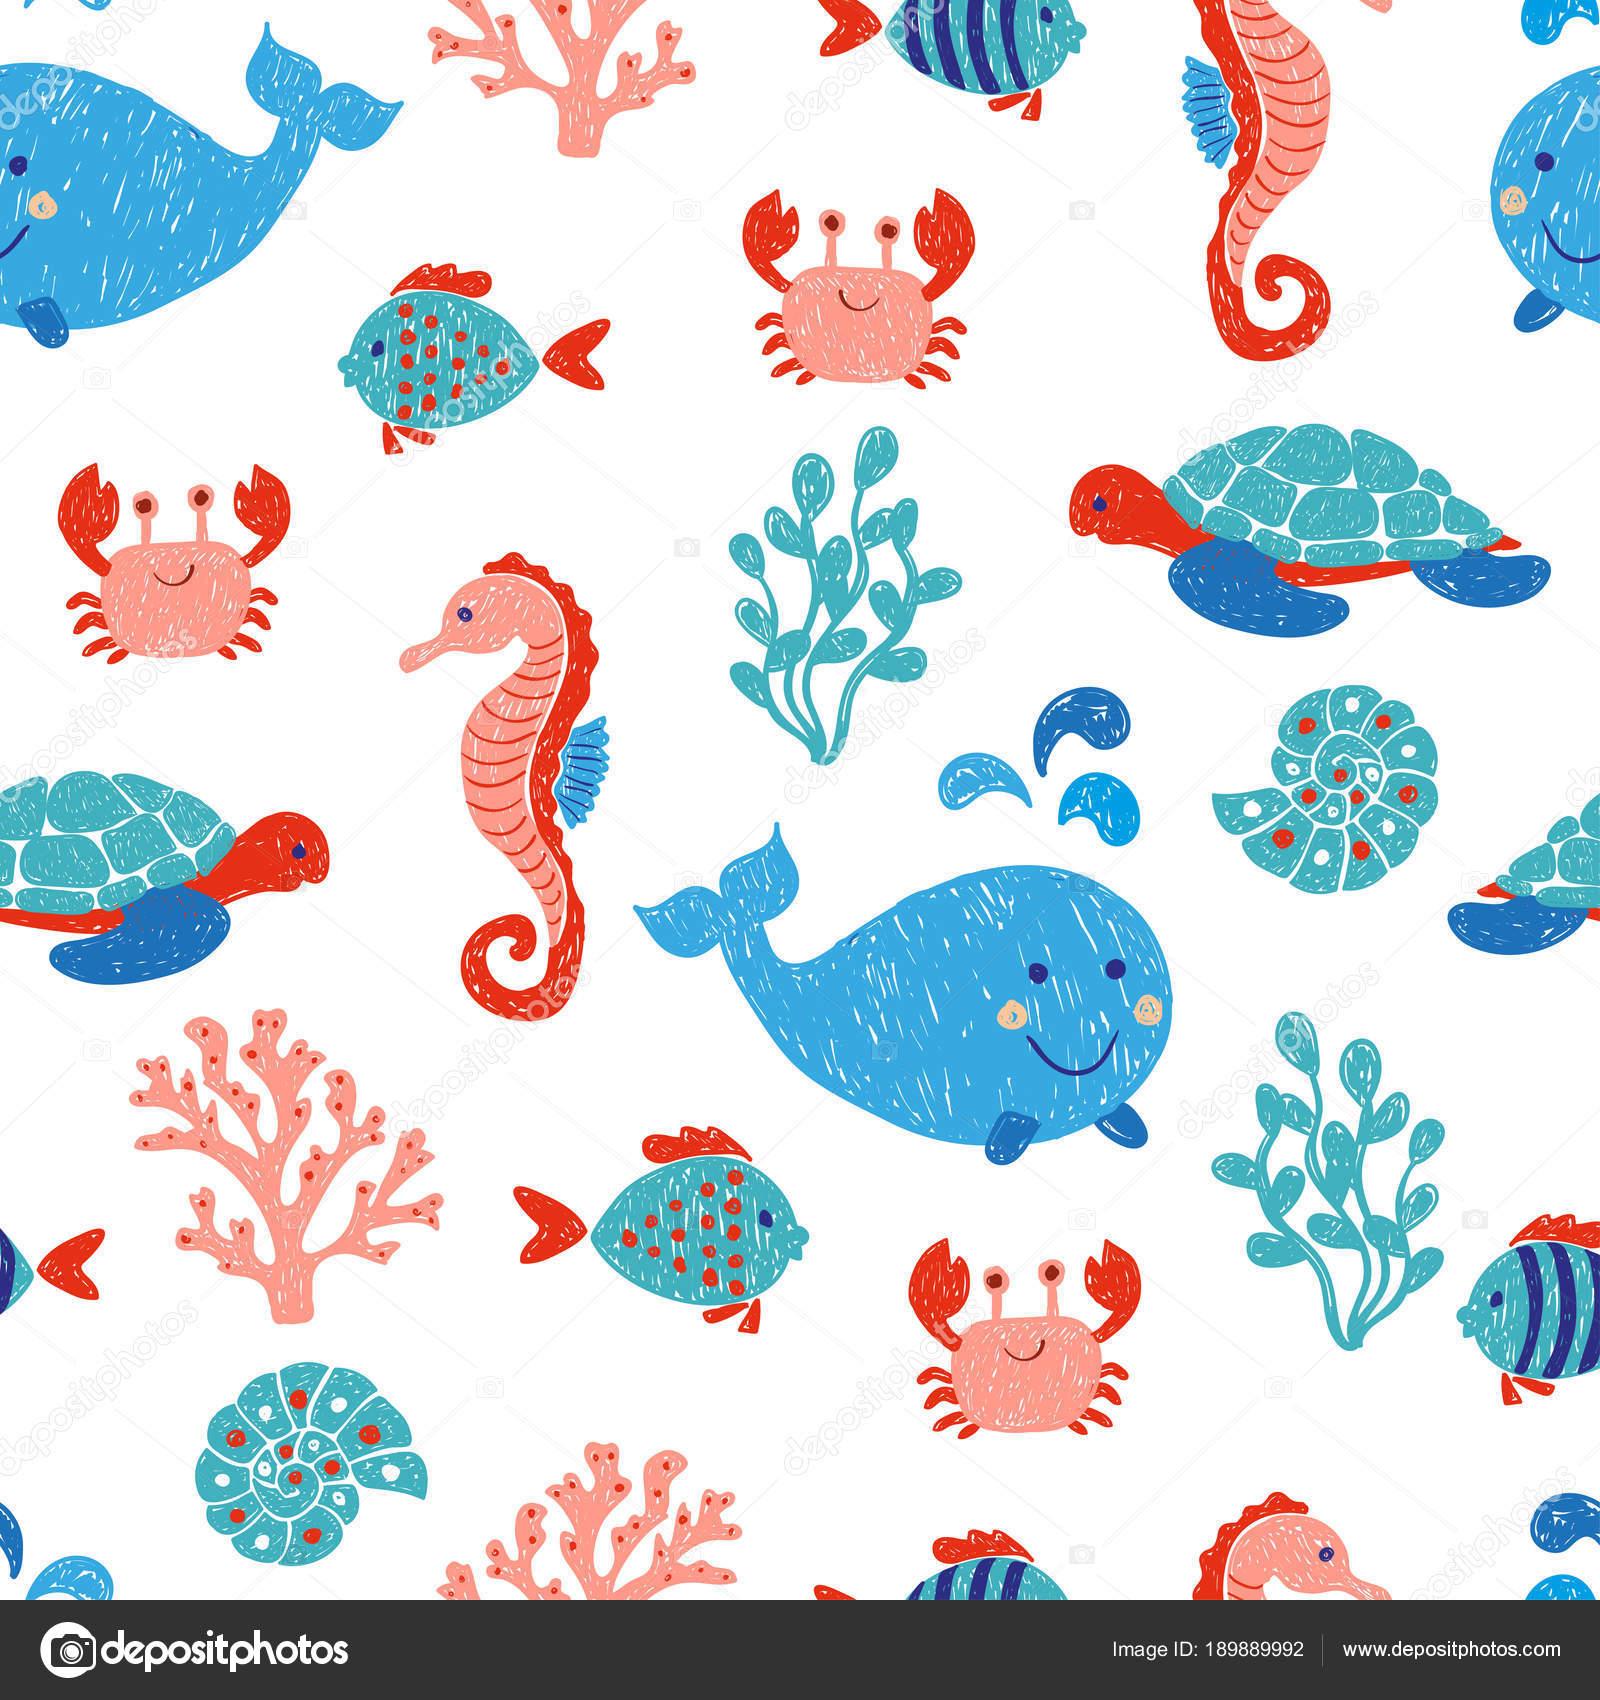 Niedliche Meer Tiere Nahtlose Muster Blau Und Rosa Farben Vektor ...